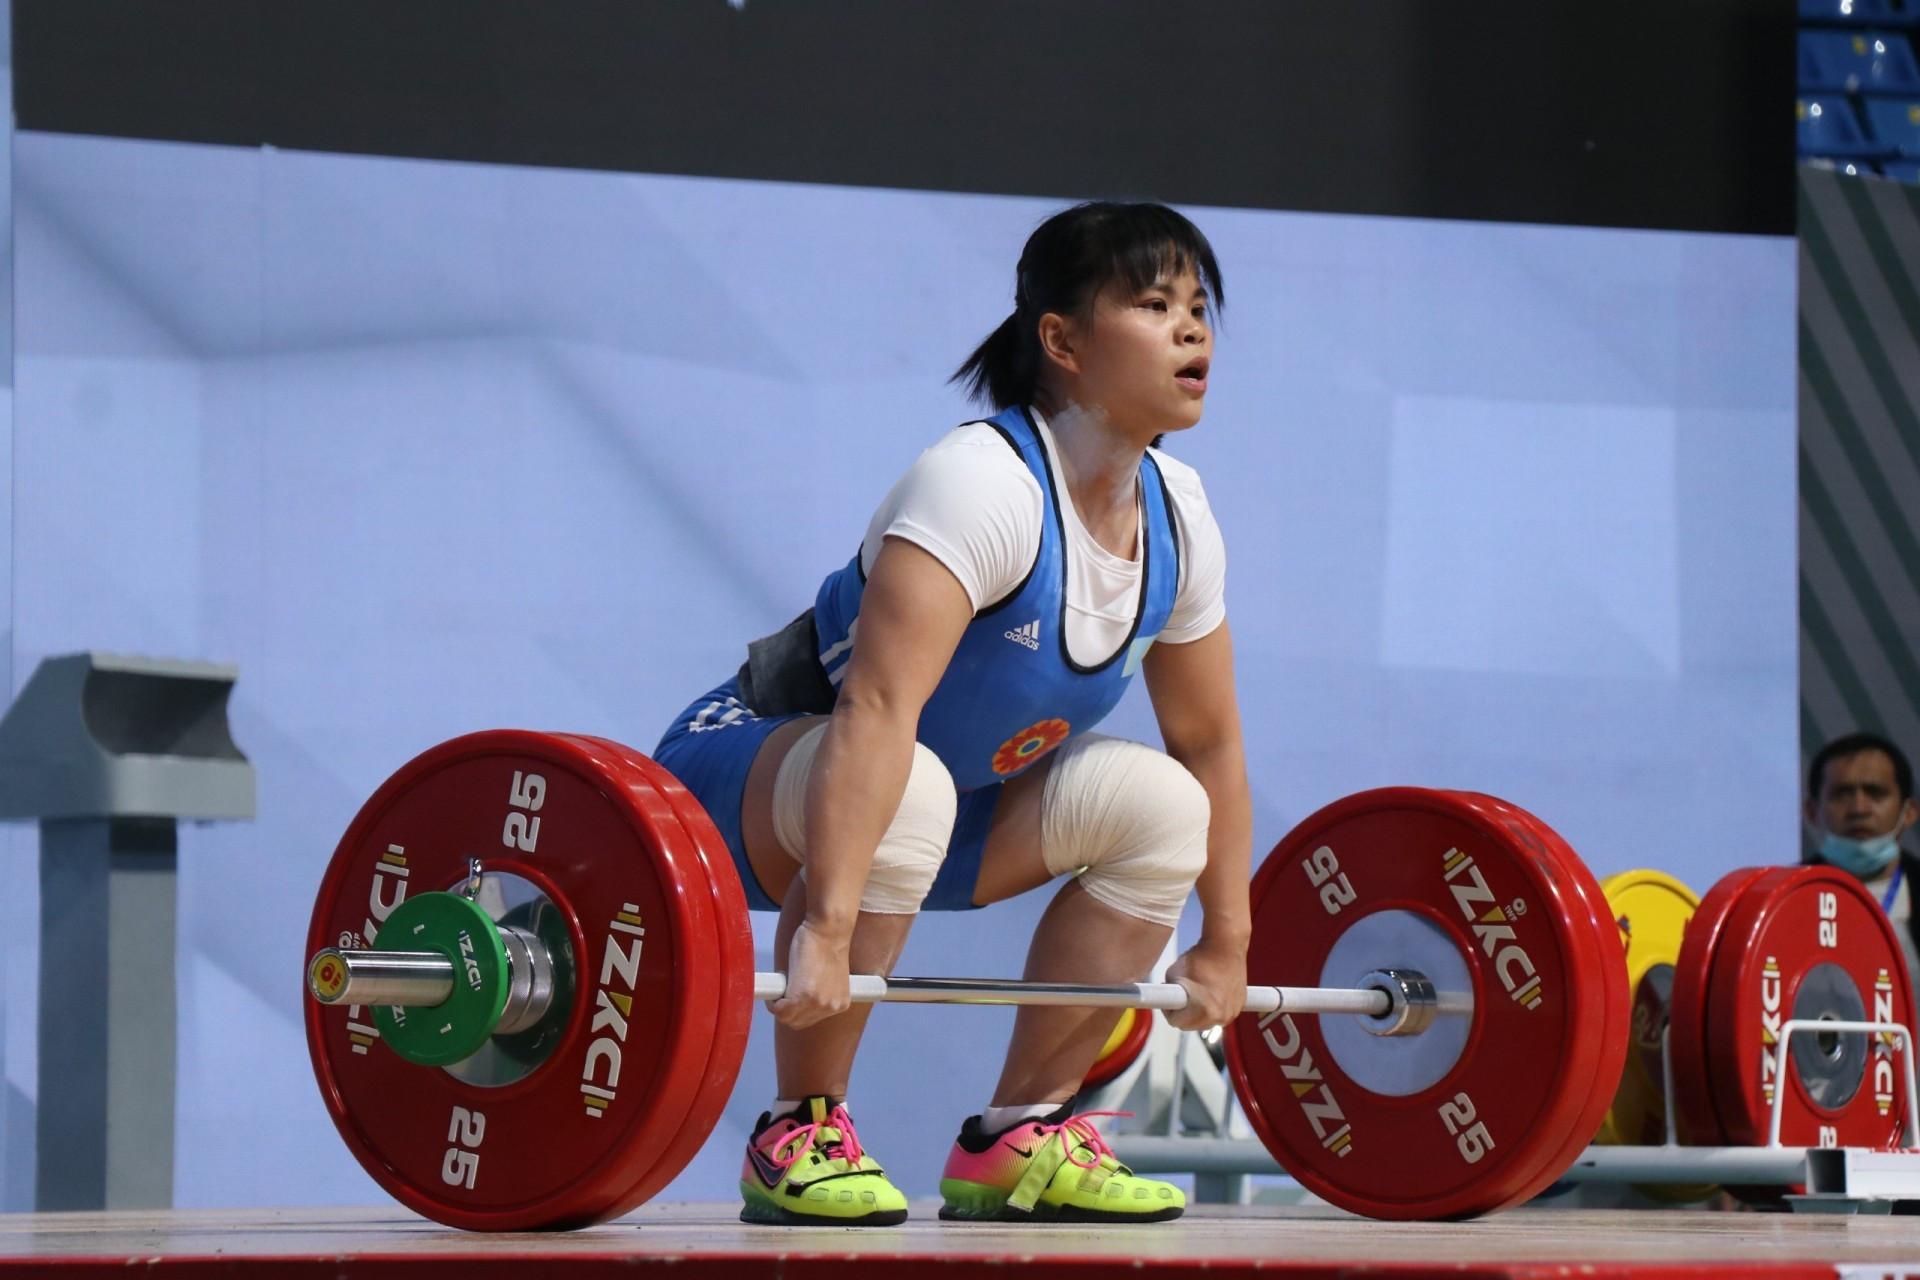 Ауыр атлетикадан әлем чемпионаты қайда өтетіні белгілі болды